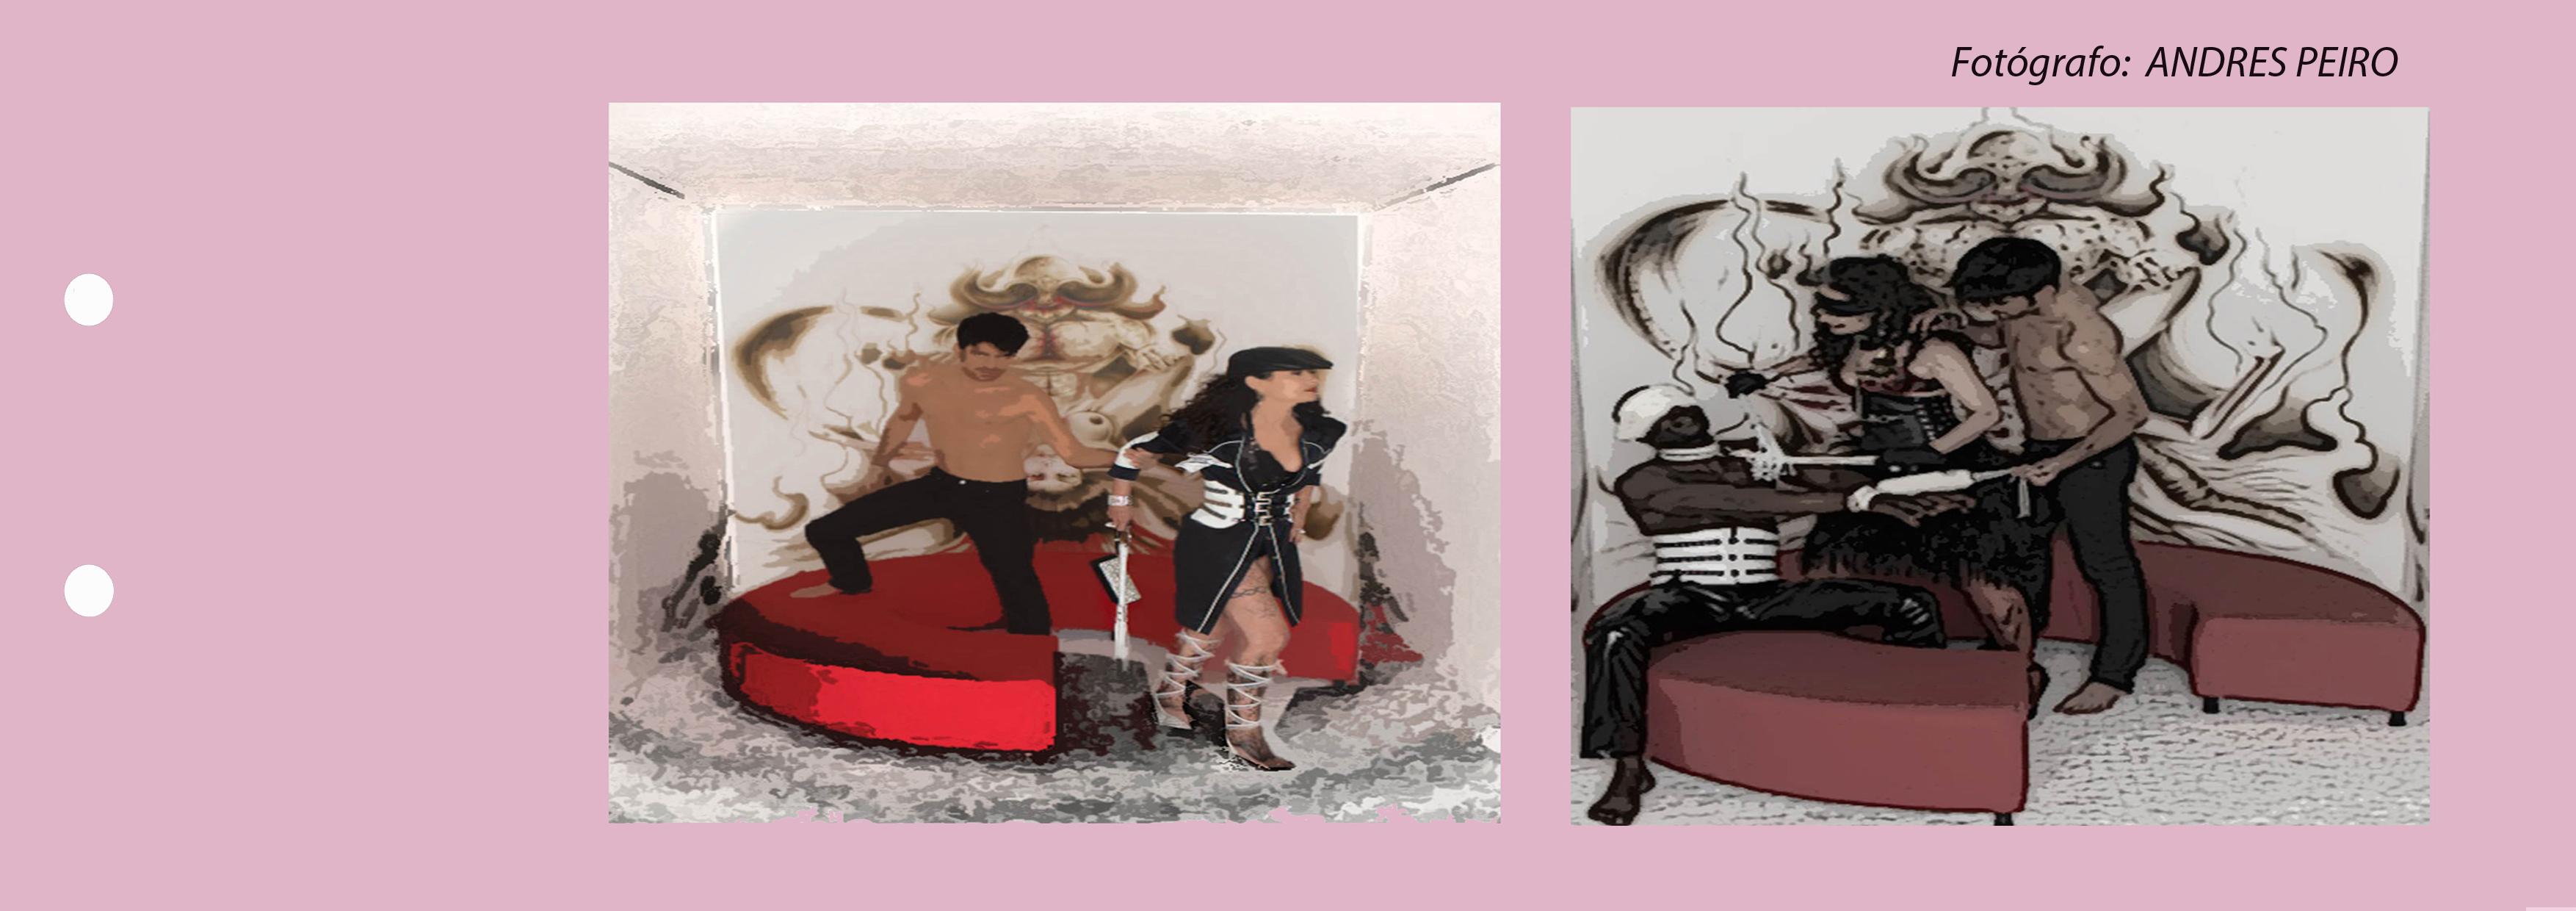 11-catalogo-ANDRES+PEIRO-DIABLO.jpg